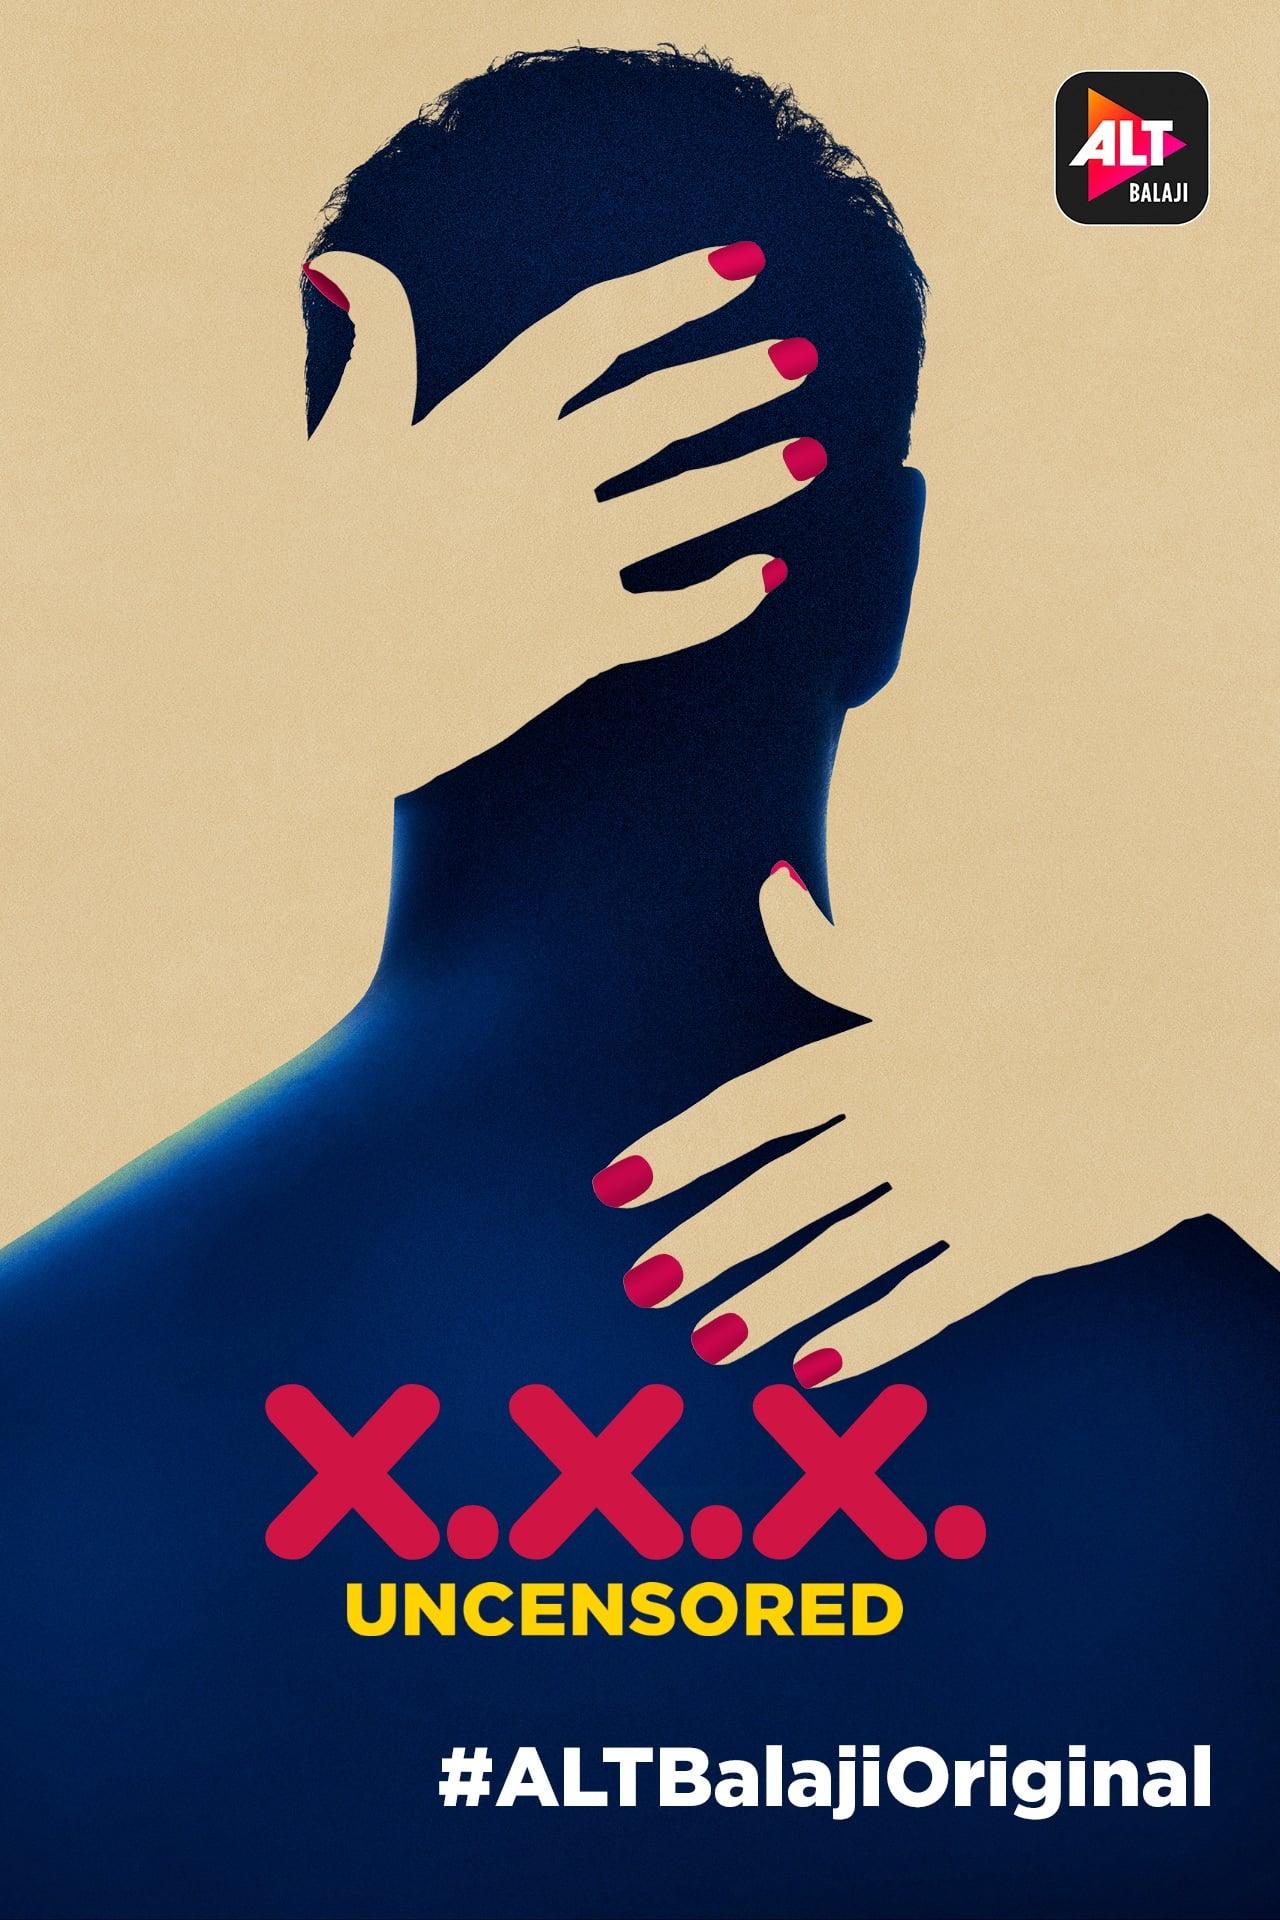 X.X.X: Uncensored (2018)